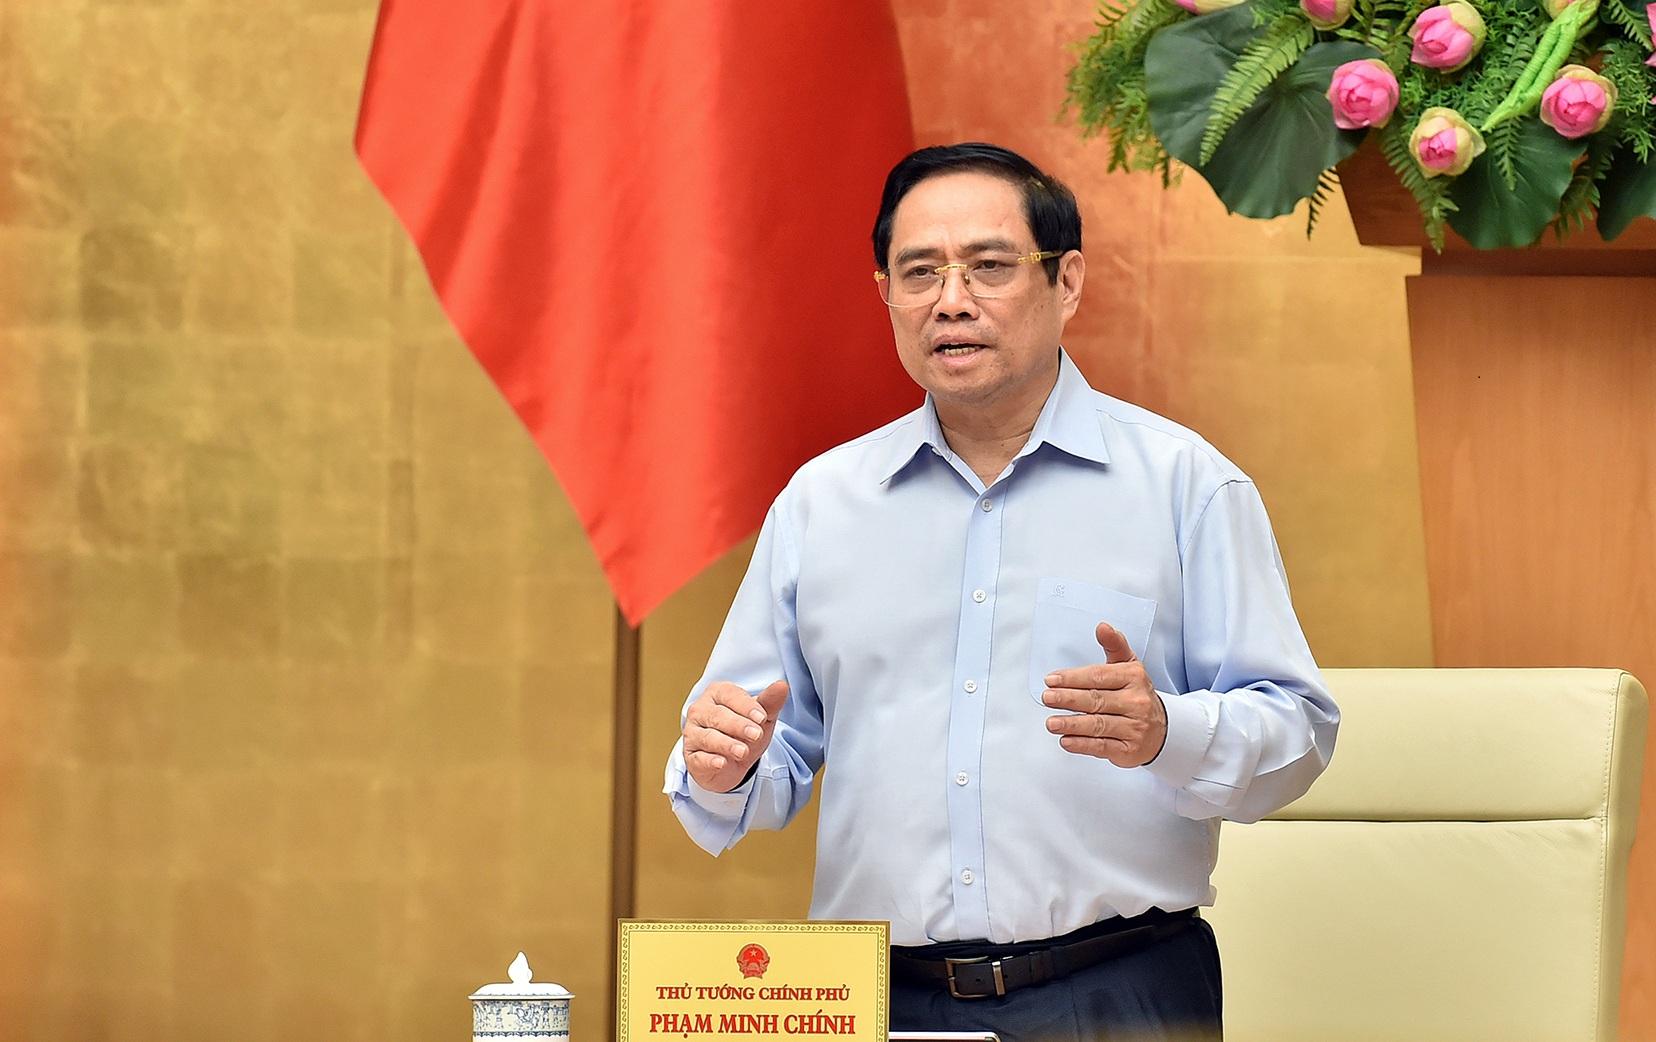 Thủ tướng: Dành tất cả những gì tốt nhất cho TP.HCM chống dịch